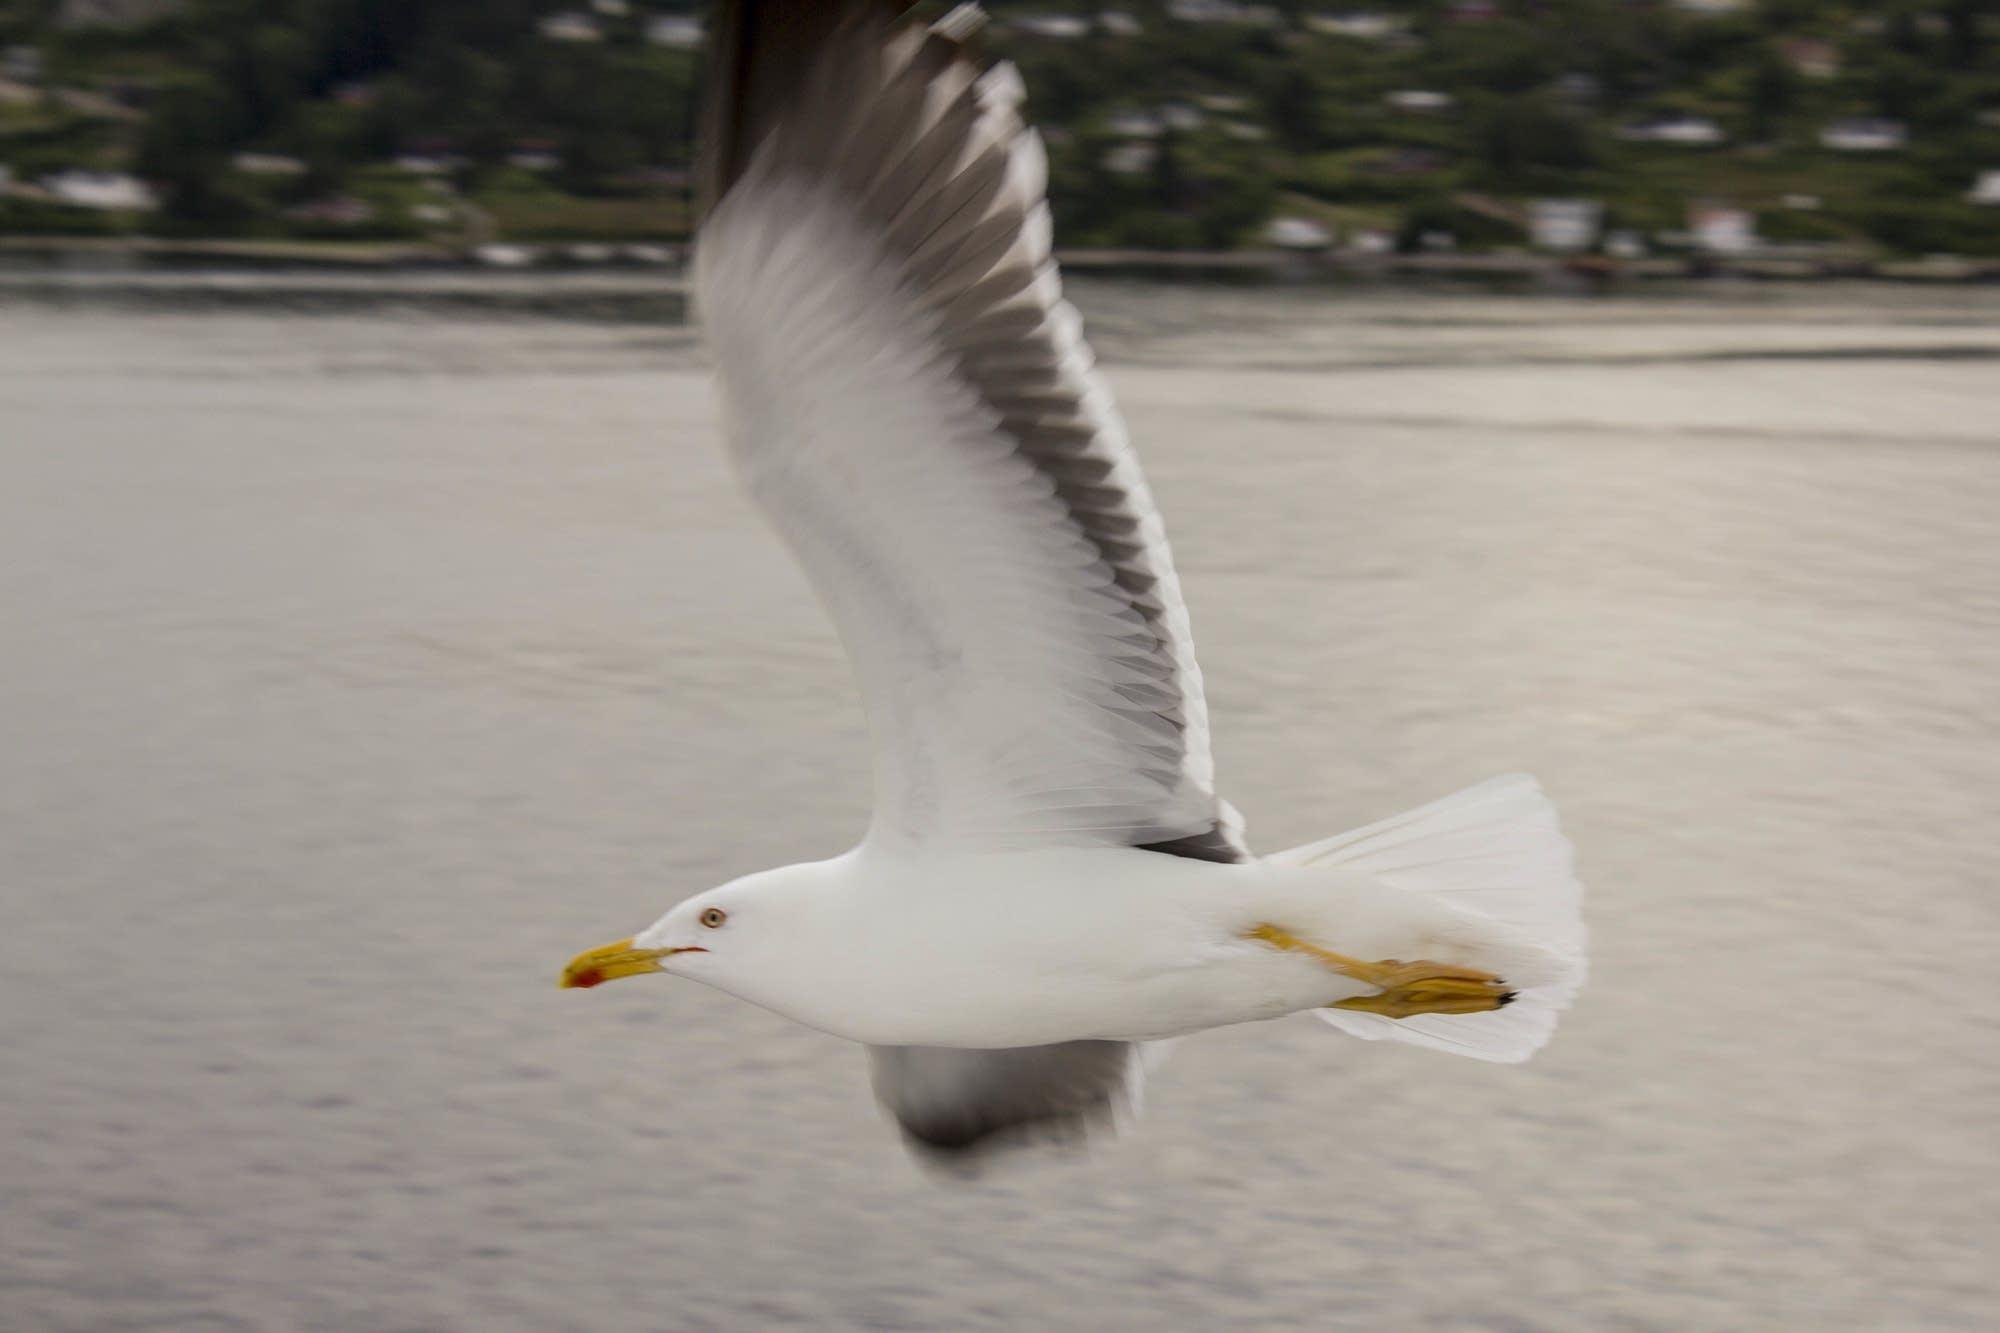 Oslo - 24 - gull in flight